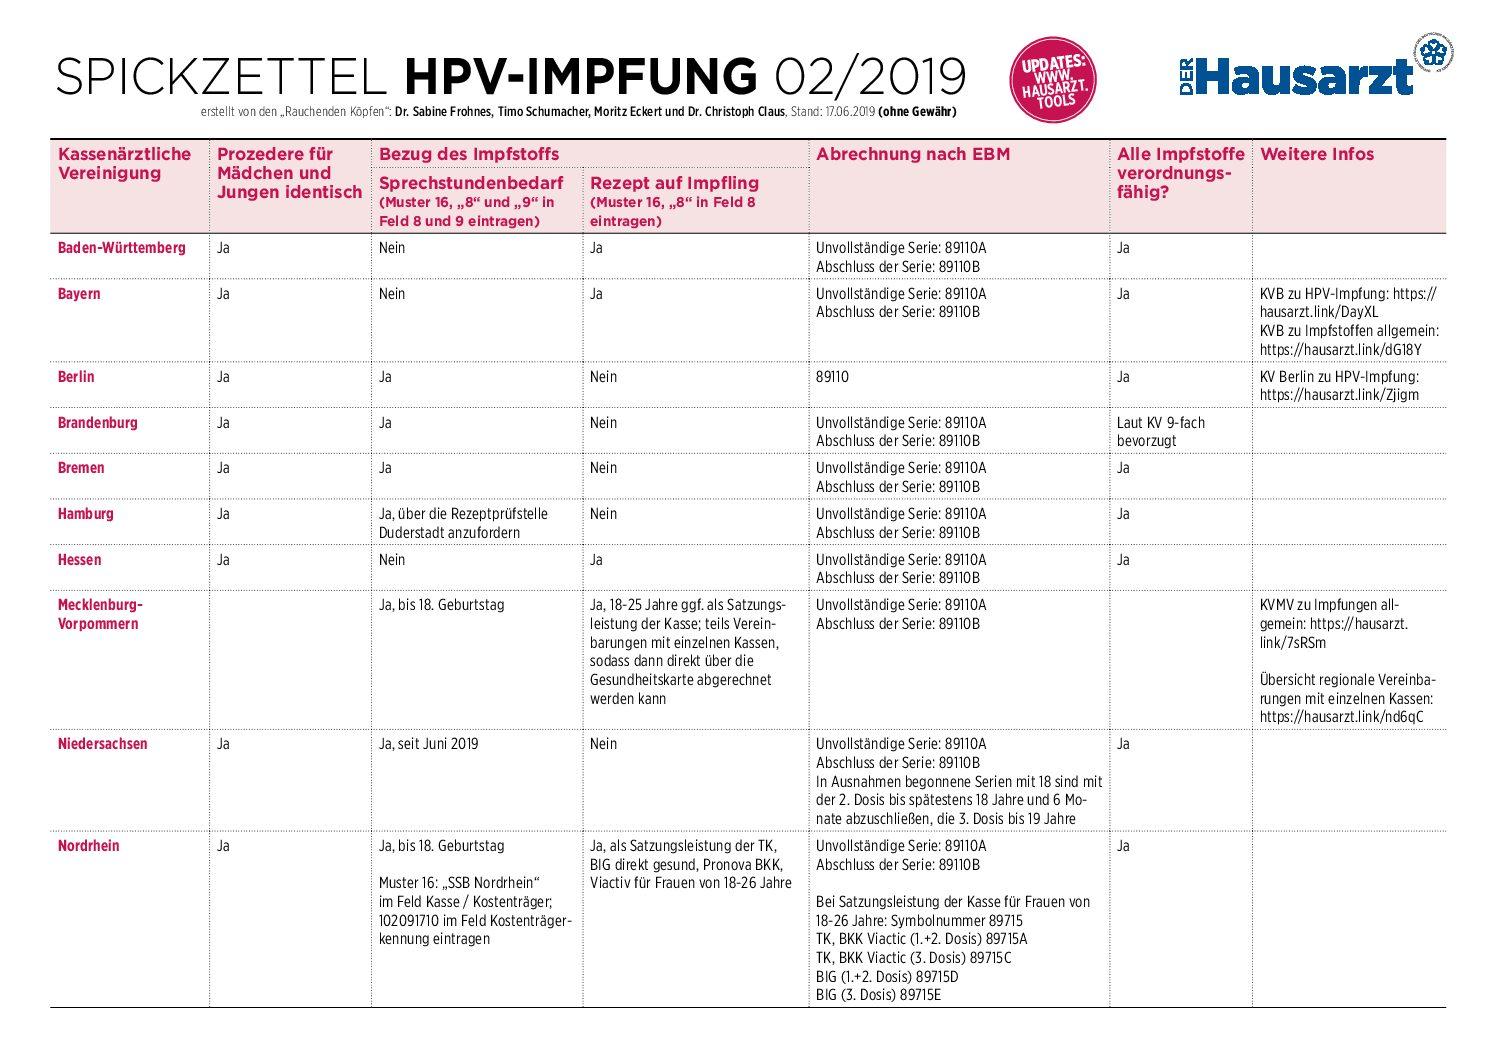 hpv impfung jungen bkk